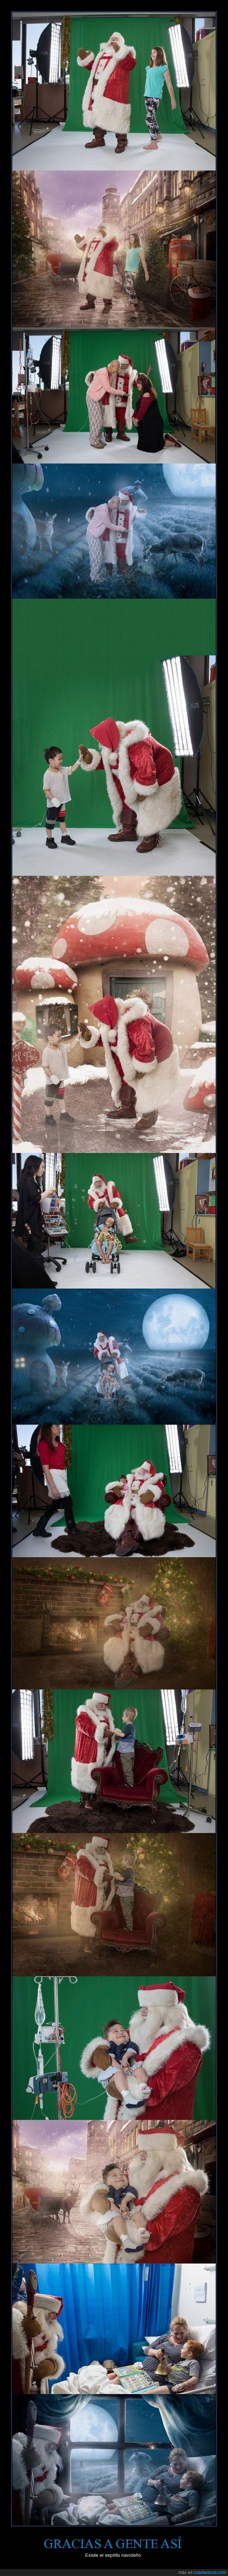 fantasía,fotos,hospital,niños,photoshop,retoques